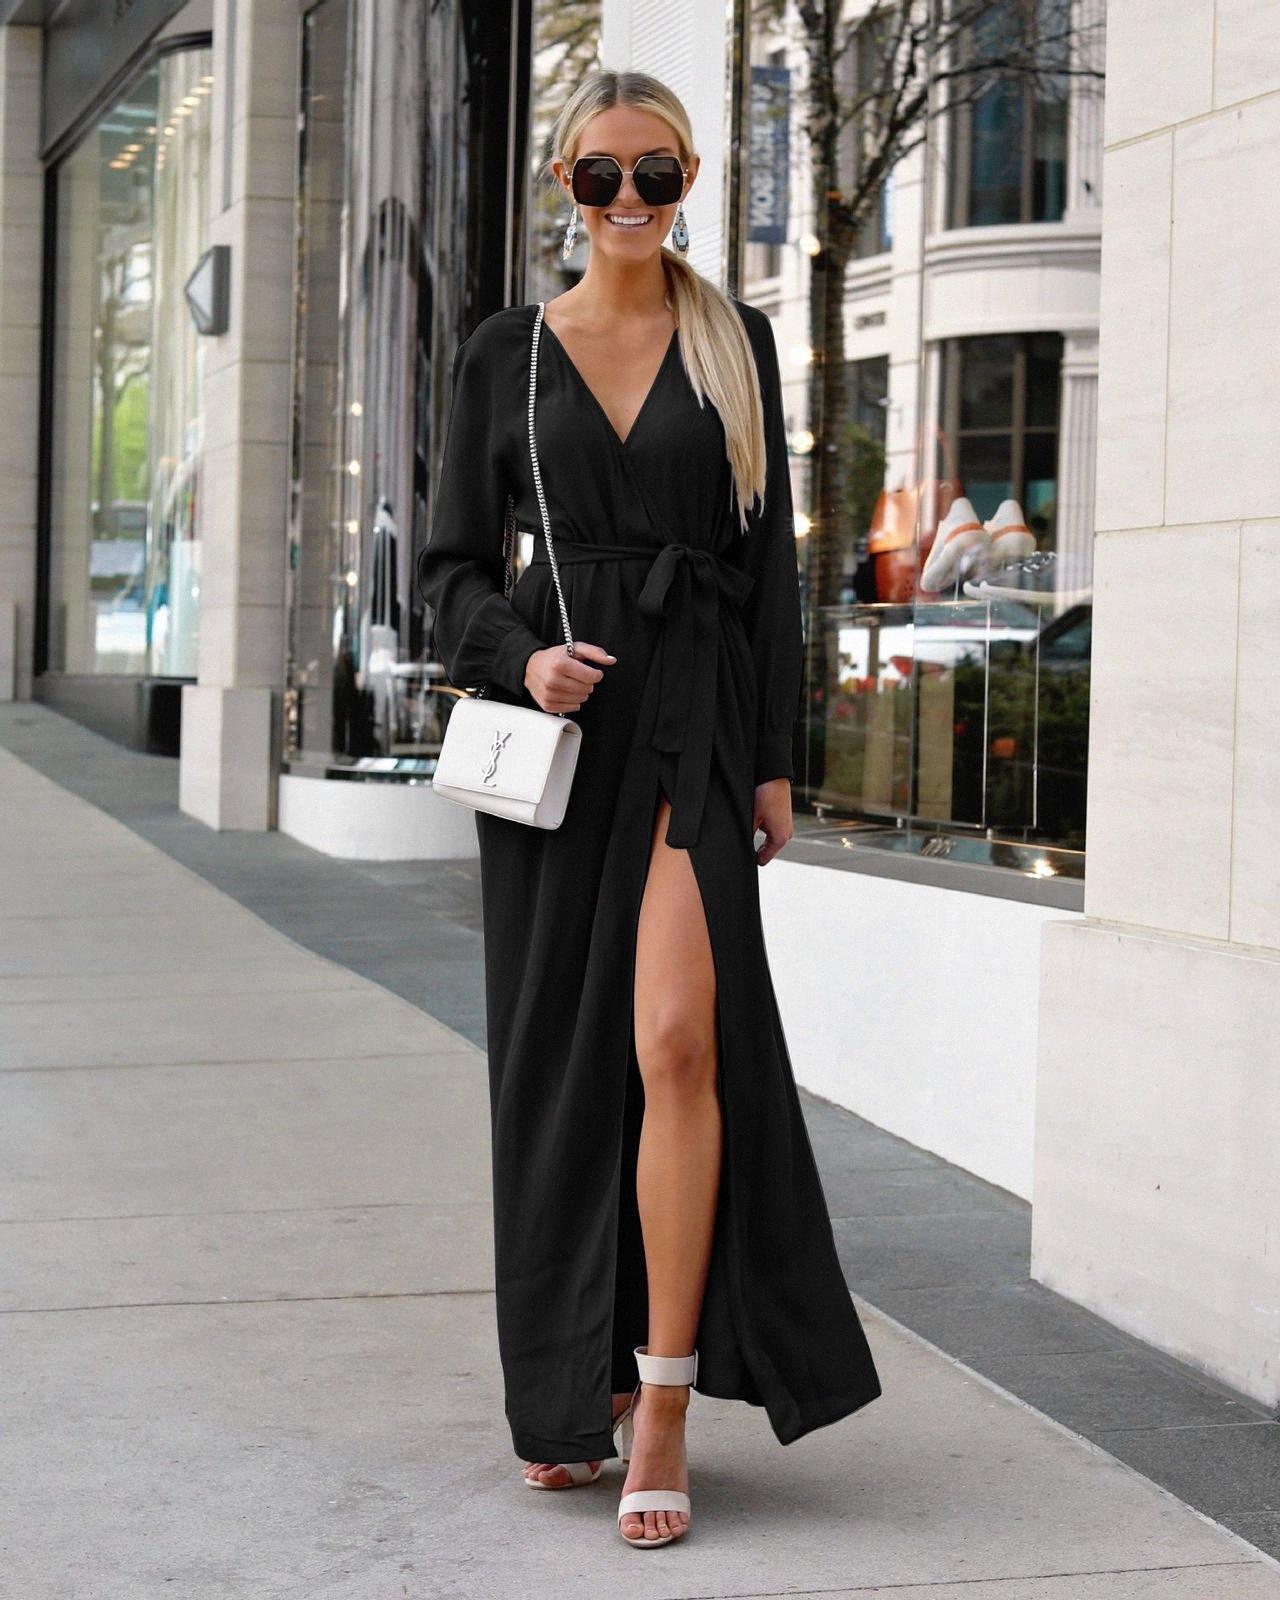 Señoras vestidos largos casuales de manga V profundo atractivo del vestido de ropa de mujeres Streetwear vestidos largos con la correa Diseño color sólido vestidos K lOv9 #